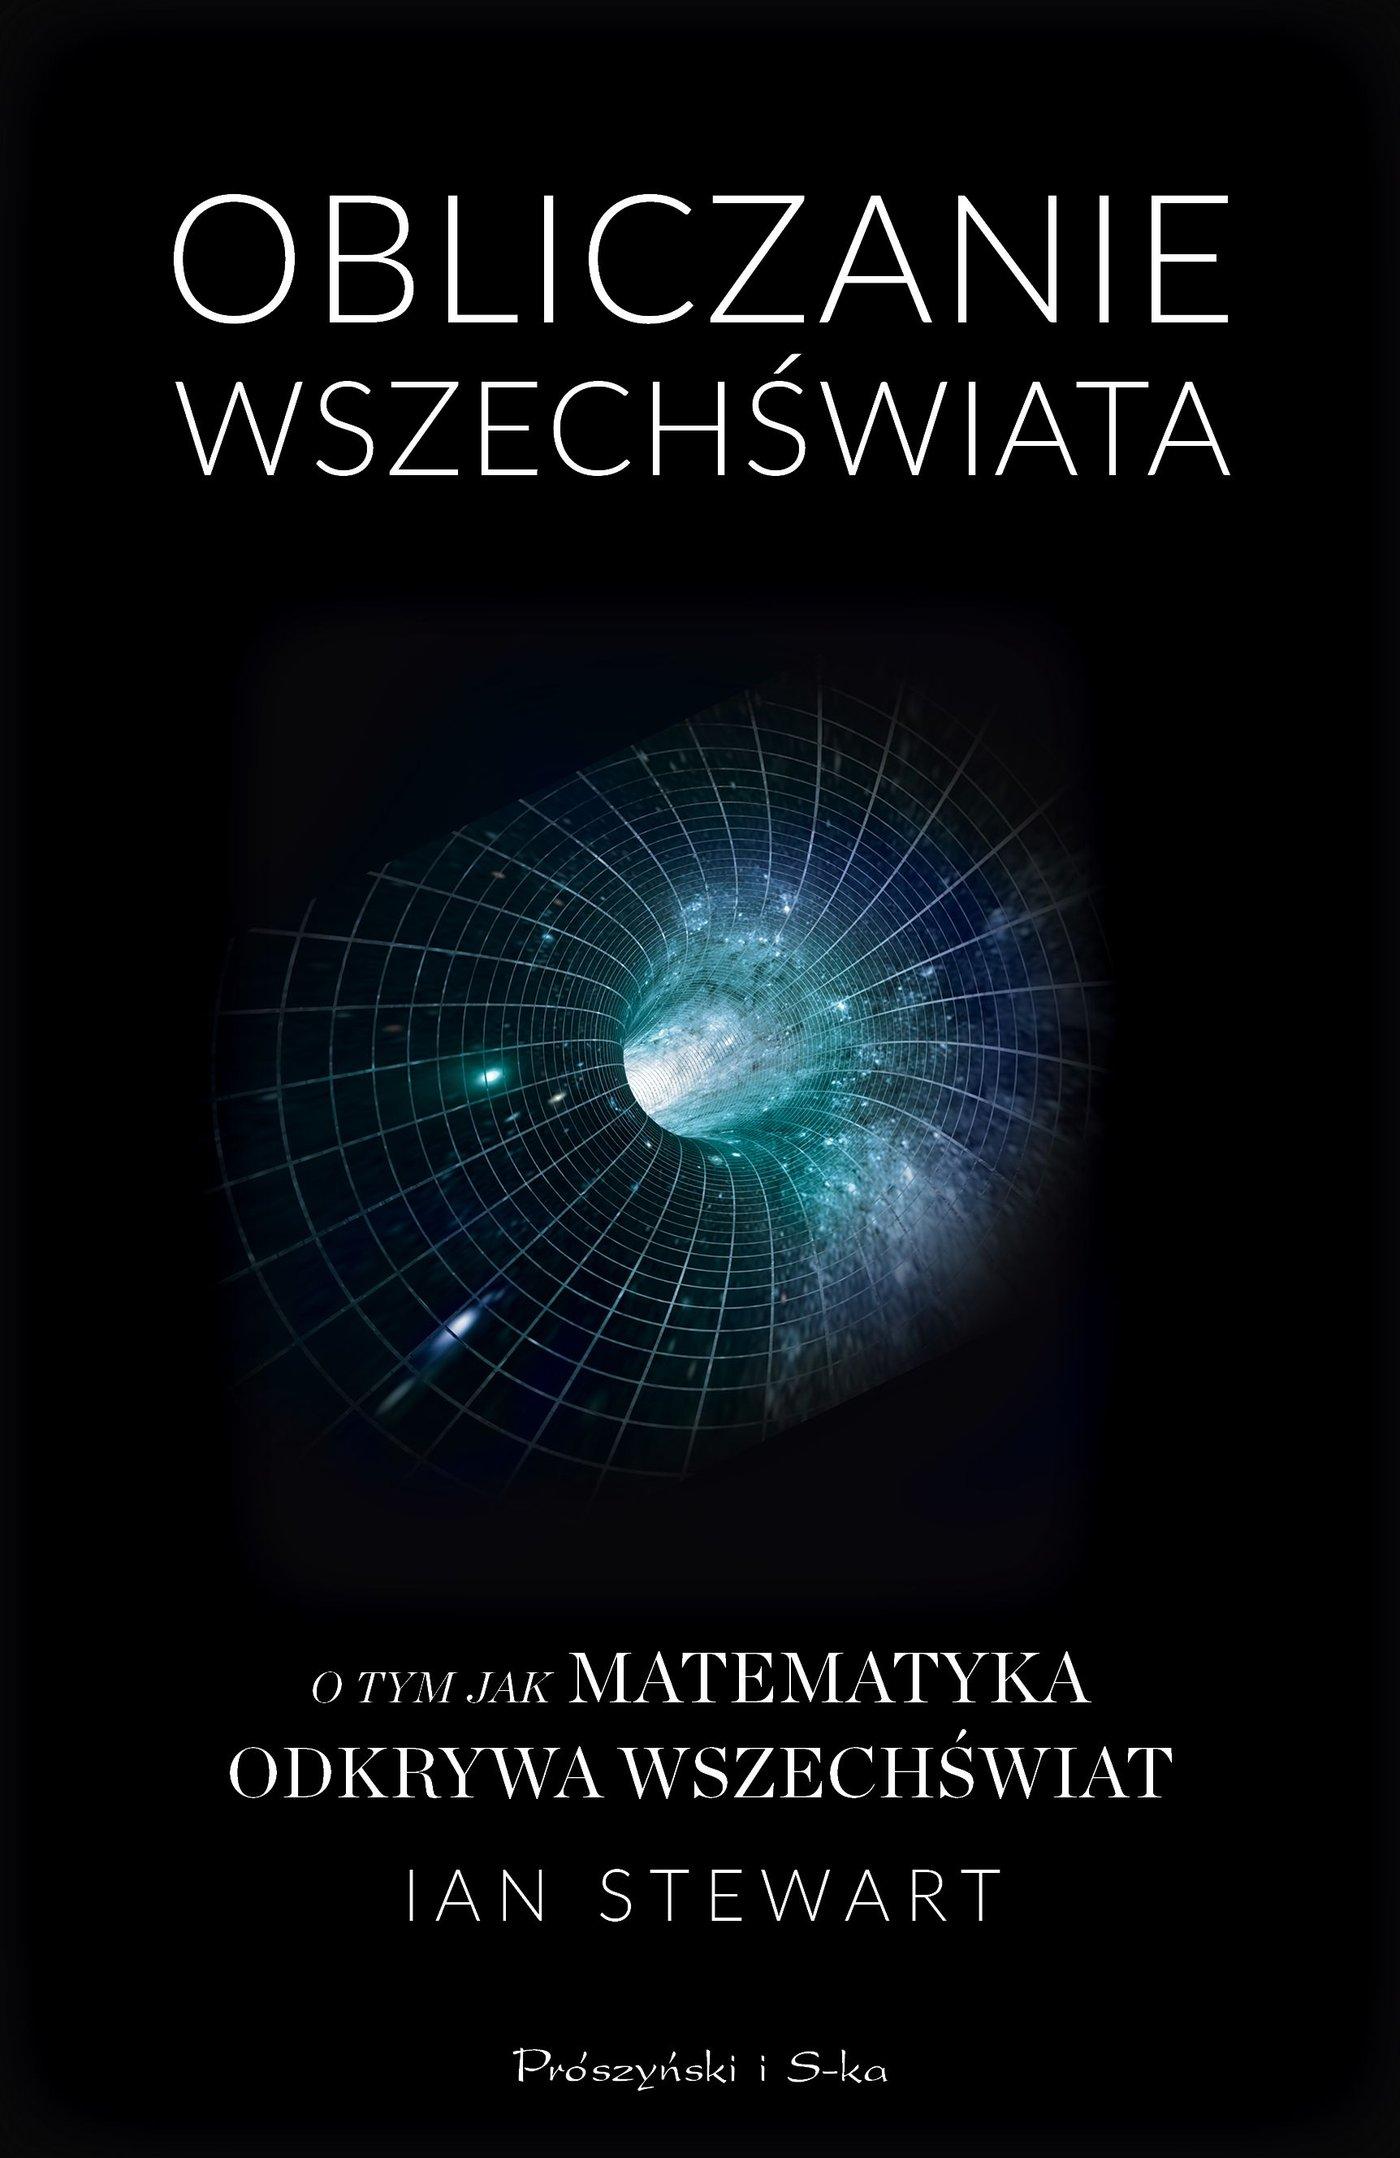 Obliczanie Wszechświata - Ebook (Książka EPUB) do pobrania w formacie EPUB